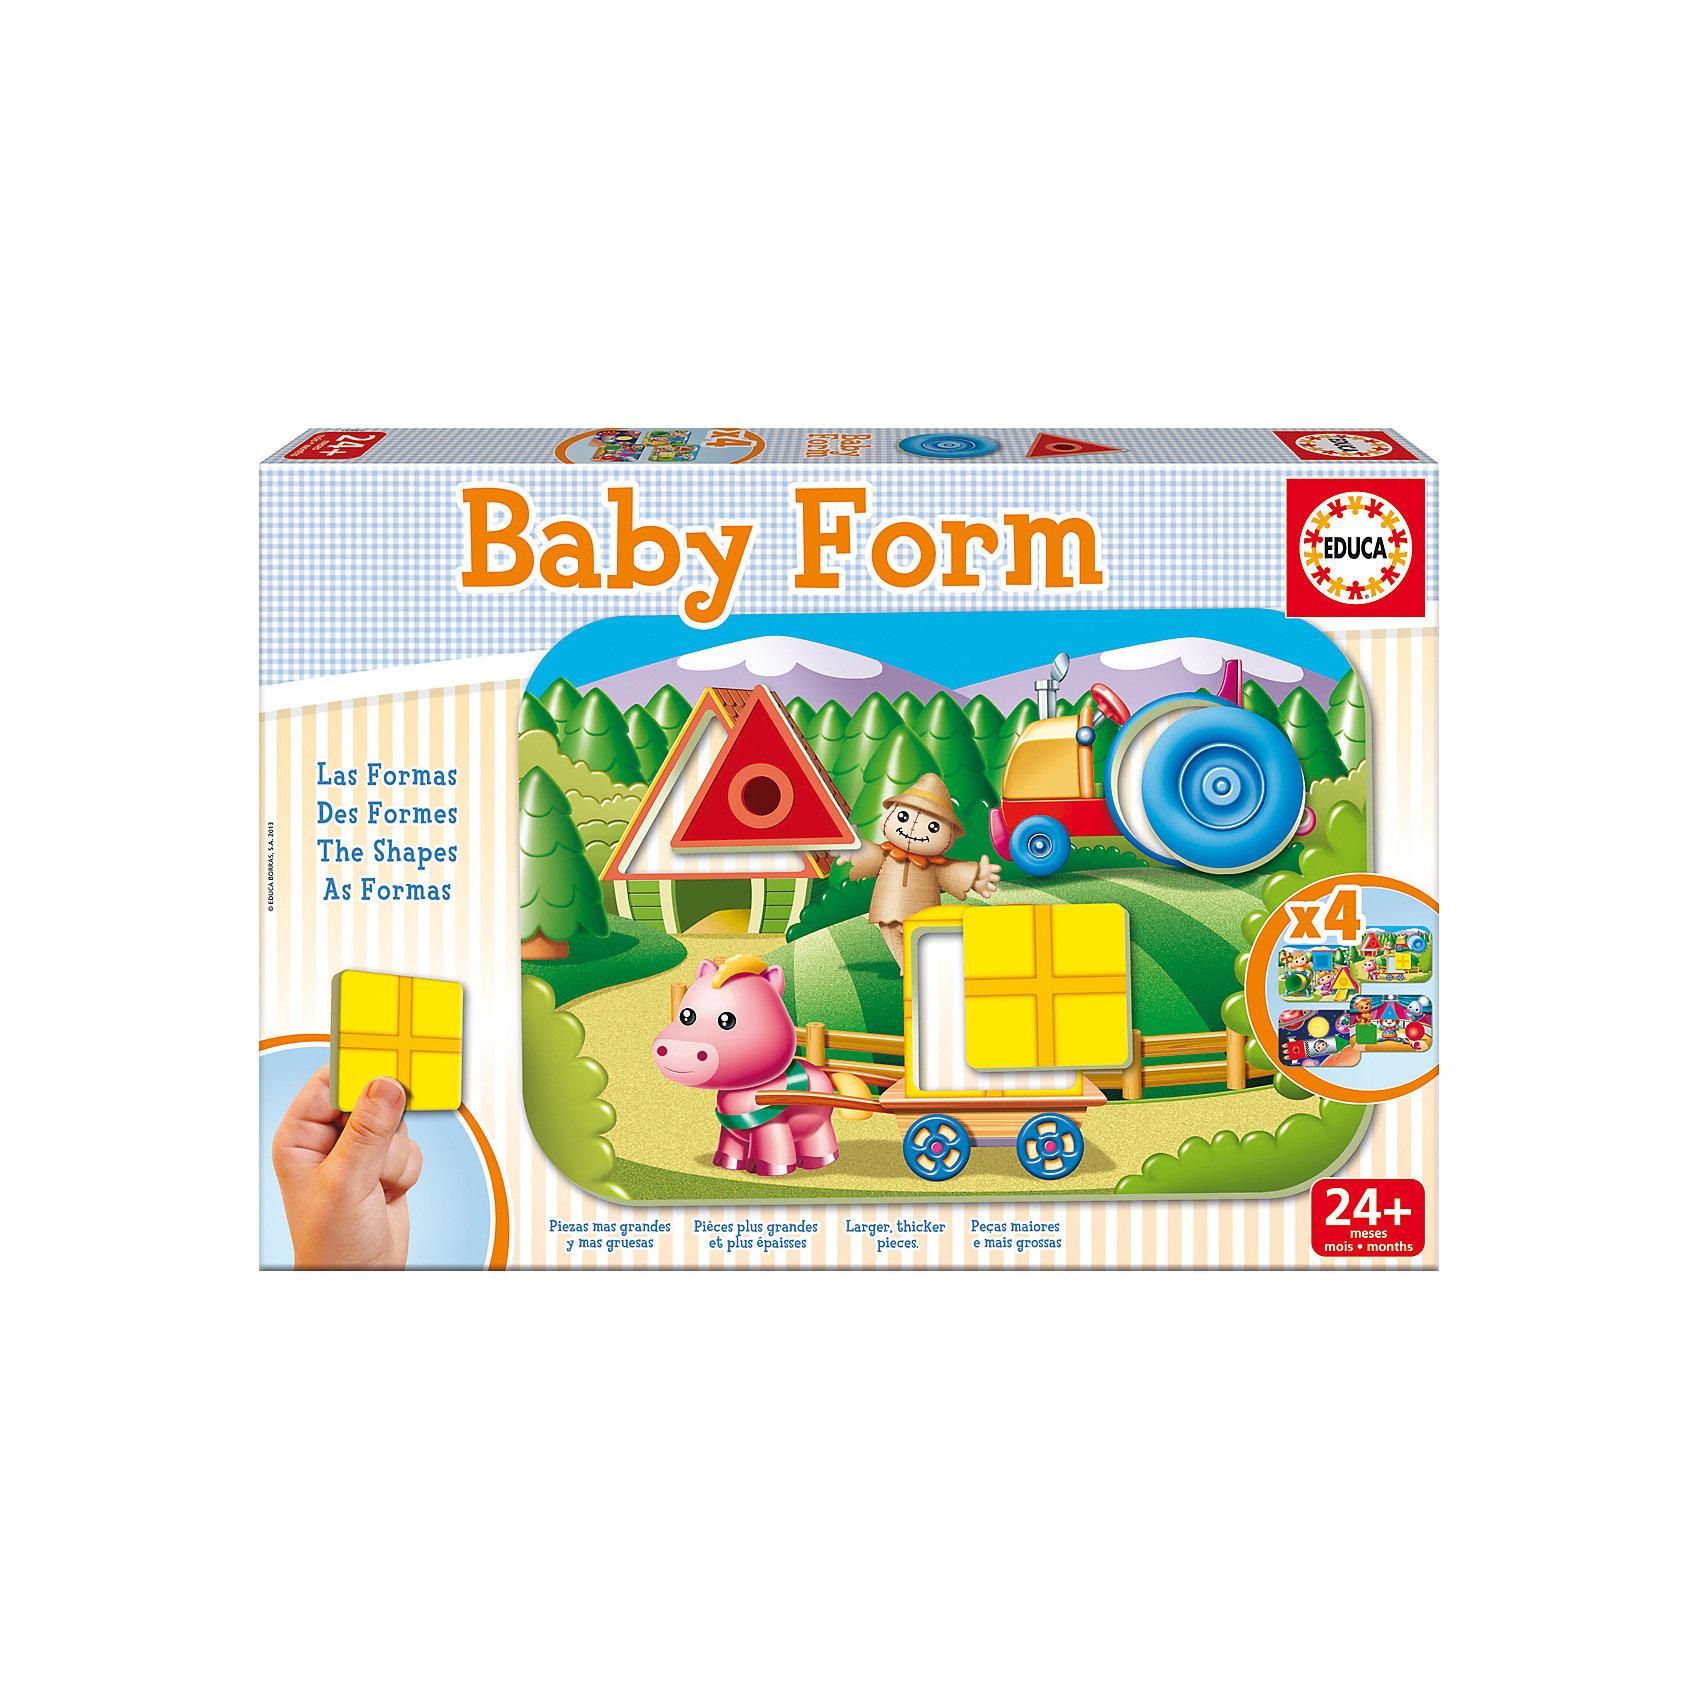 Игра-пазл Формы, EducaПазлы для малышей<br>Игра-пазл Формы, Educa<br><br>Характеристики:<br><br>• Количество деталей: 12 шт.<br>• Размер упаковки: 31 * 4,5 * 21 см.<br>• Состав: картон<br>• Вес: 660 гр.<br>• Для детей в возрасте: от 2 до 4 лет<br>• Страна производитель: Испания<br><br>Набор головоломок от испанской компании Educa (Эдука), специализирующейся на производстве высококачественных пазлов. Четыре интересные детские картинки с формами круга, квадрата и треугольника помогут развивать логическое мышление, узнавать новое и отлично проводить время. Треугольники, квадраты и круги от одних картинок можно вставлять в другие, создавая новые варианты. <br><br>Игра-пазл Формы, Educa можно купить в нашем интернет-магазине.<br><br>Ширина мм: 320<br>Глубина мм: 222<br>Высота мм: 50<br>Вес г: 650<br>Возраст от месяцев: 24<br>Возраст до месяцев: 48<br>Пол: Унисекс<br>Возраст: Детский<br>Количество деталей: 3<br>SKU: 3546198